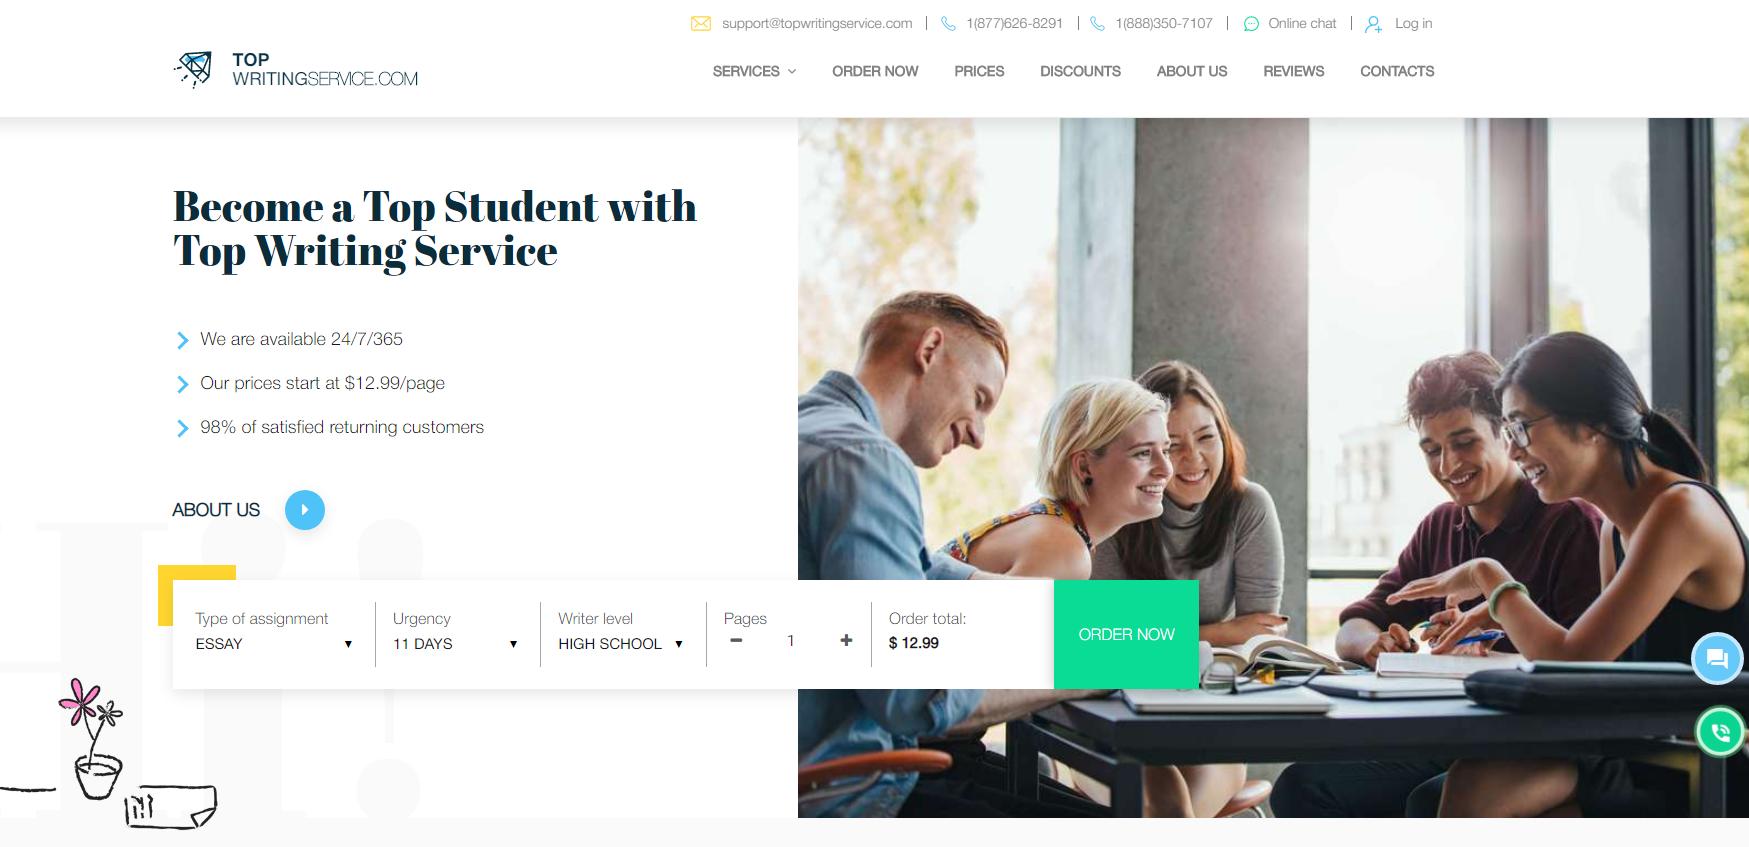 TopWritingService.com Review